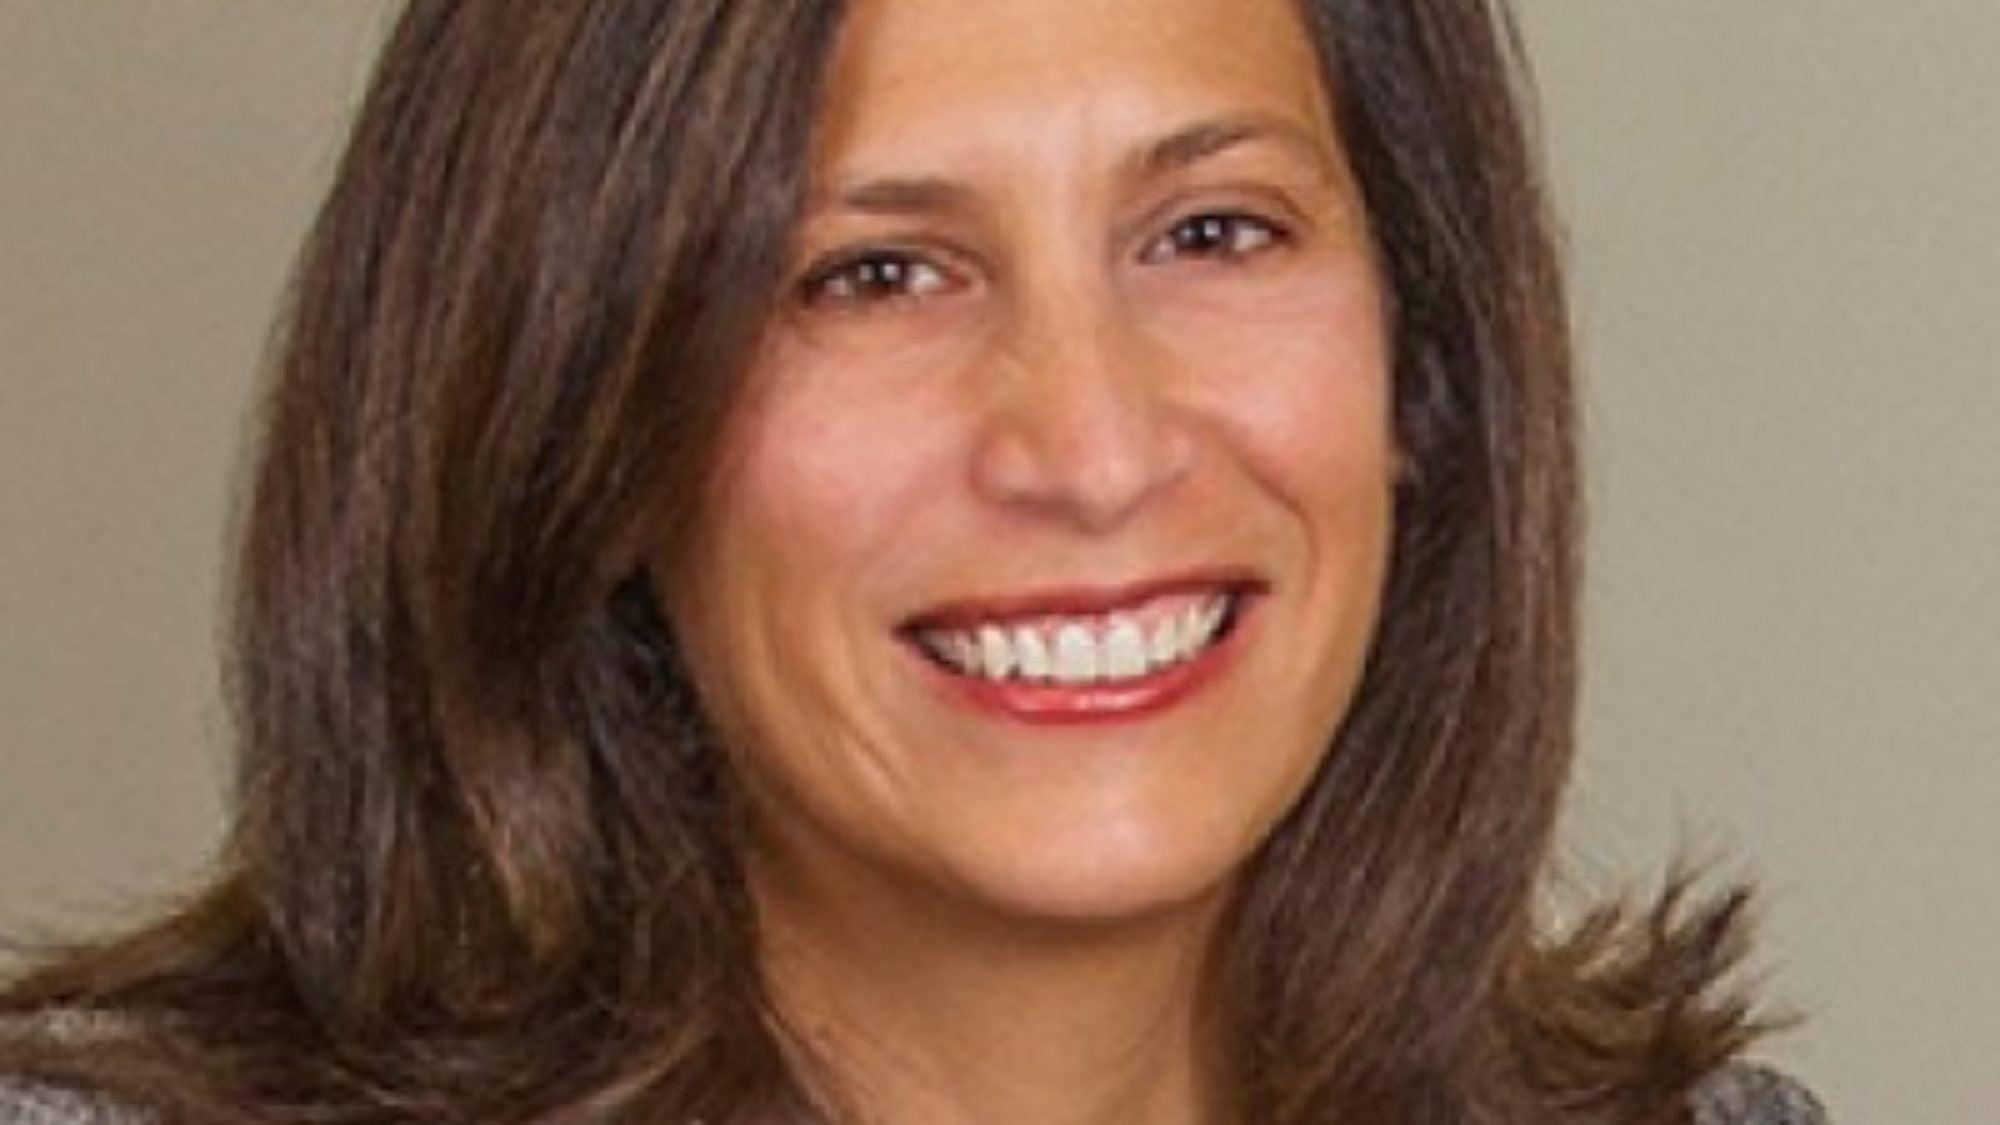 Victoria Espinel